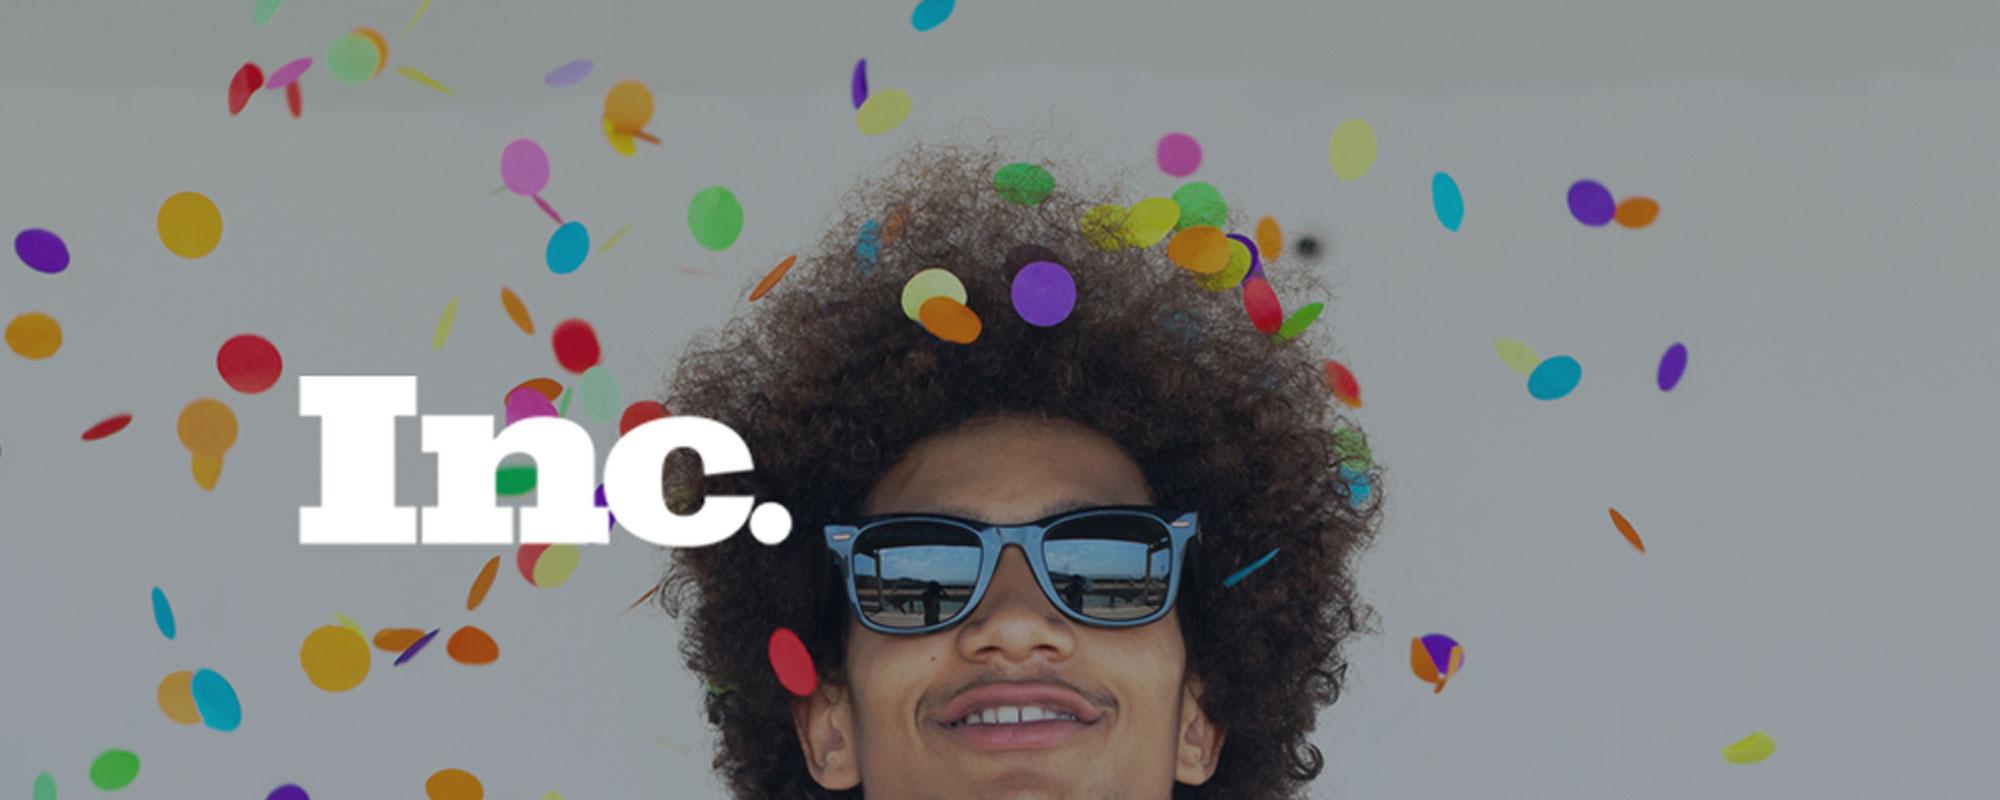 man-in-sunglasses-with-colorful-confetti